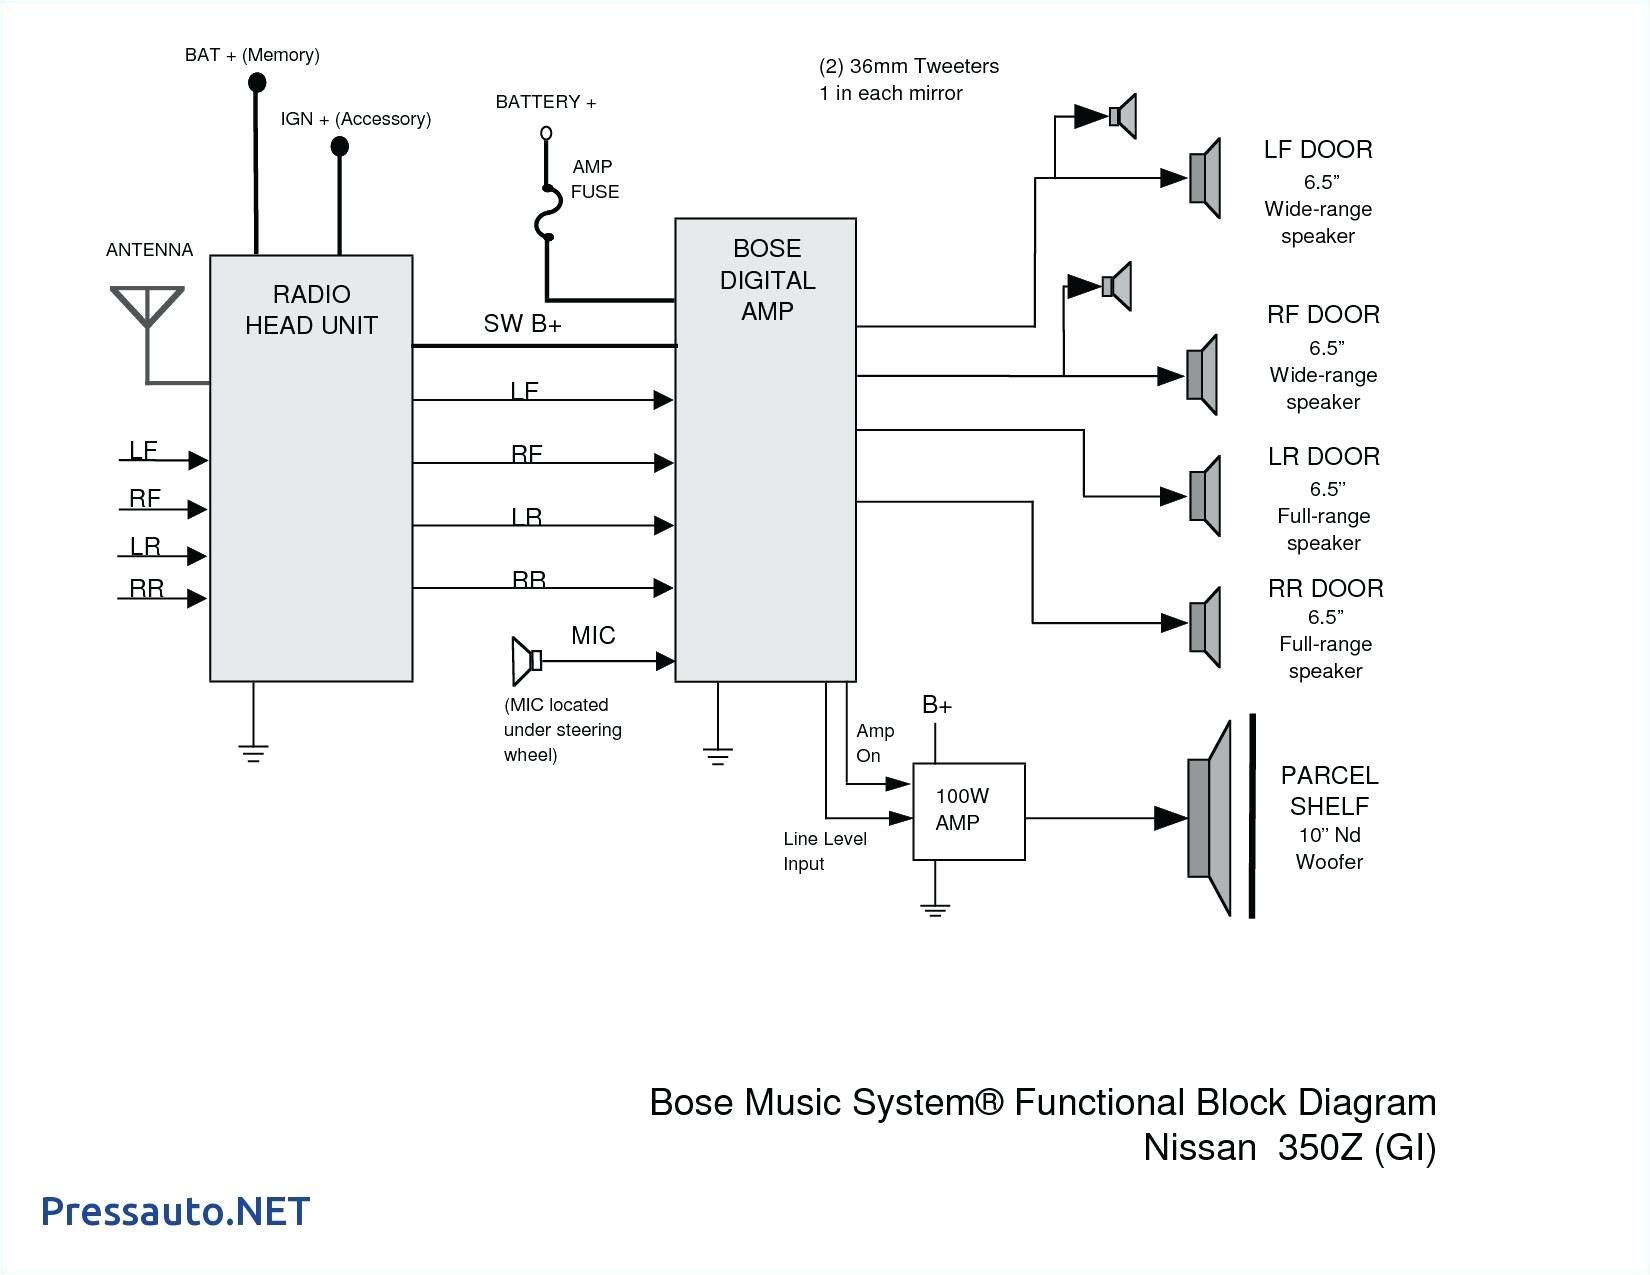 bose t20 wiring diagram wiring diagram bose 321 wiring diagram bose 321 fuse diagram wiring diagram